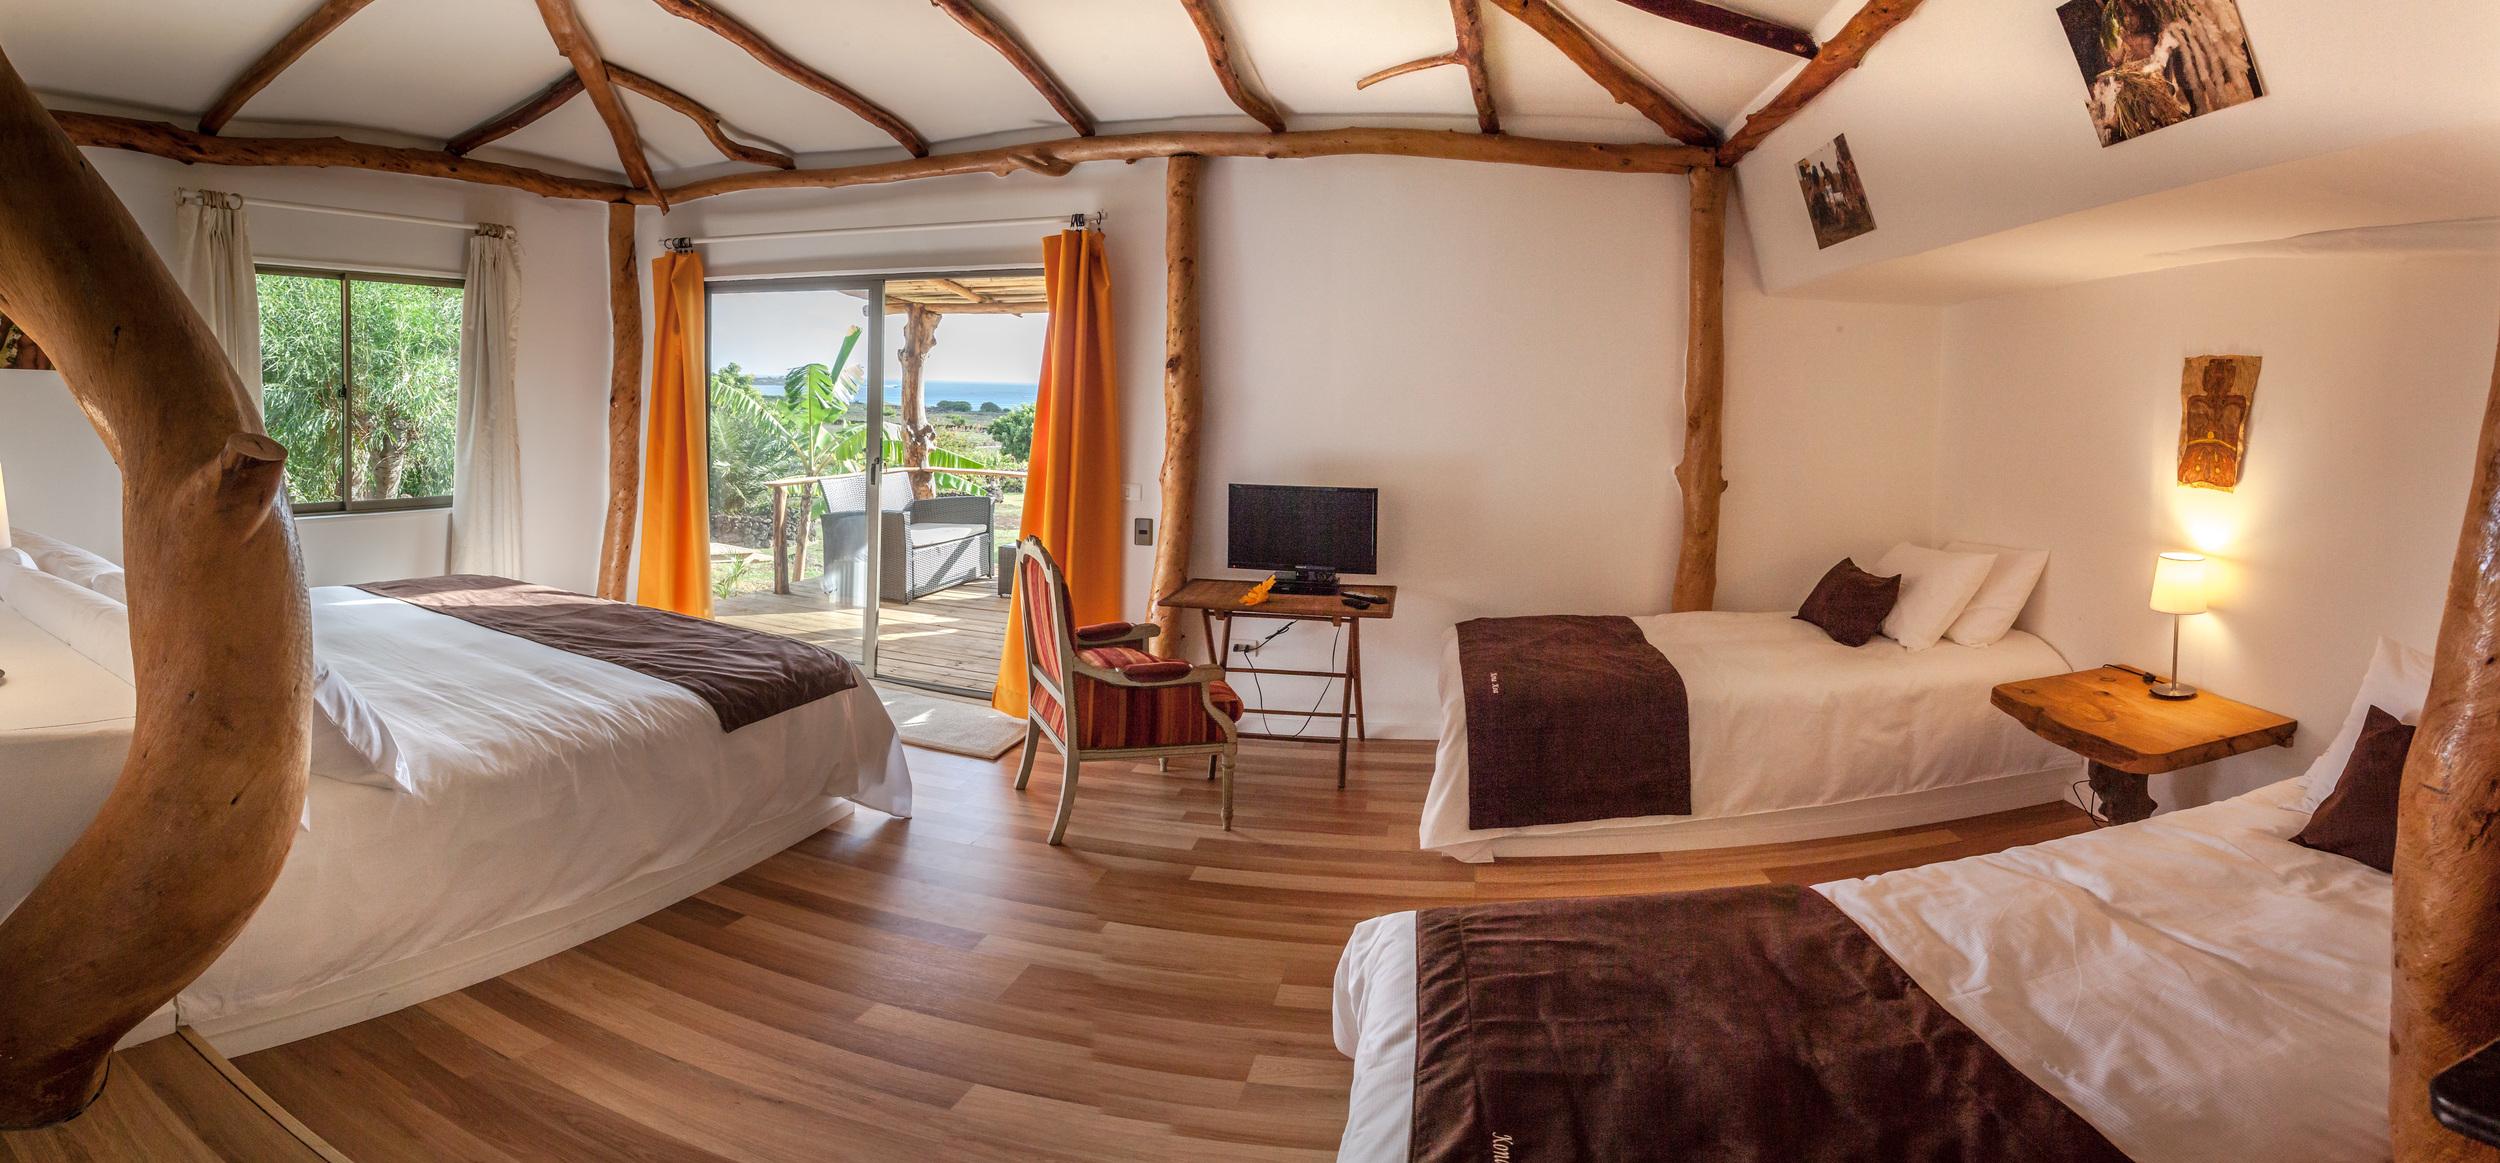 alojamiento en isla de pascua - Cabanas - Kona Koa Lodge 3